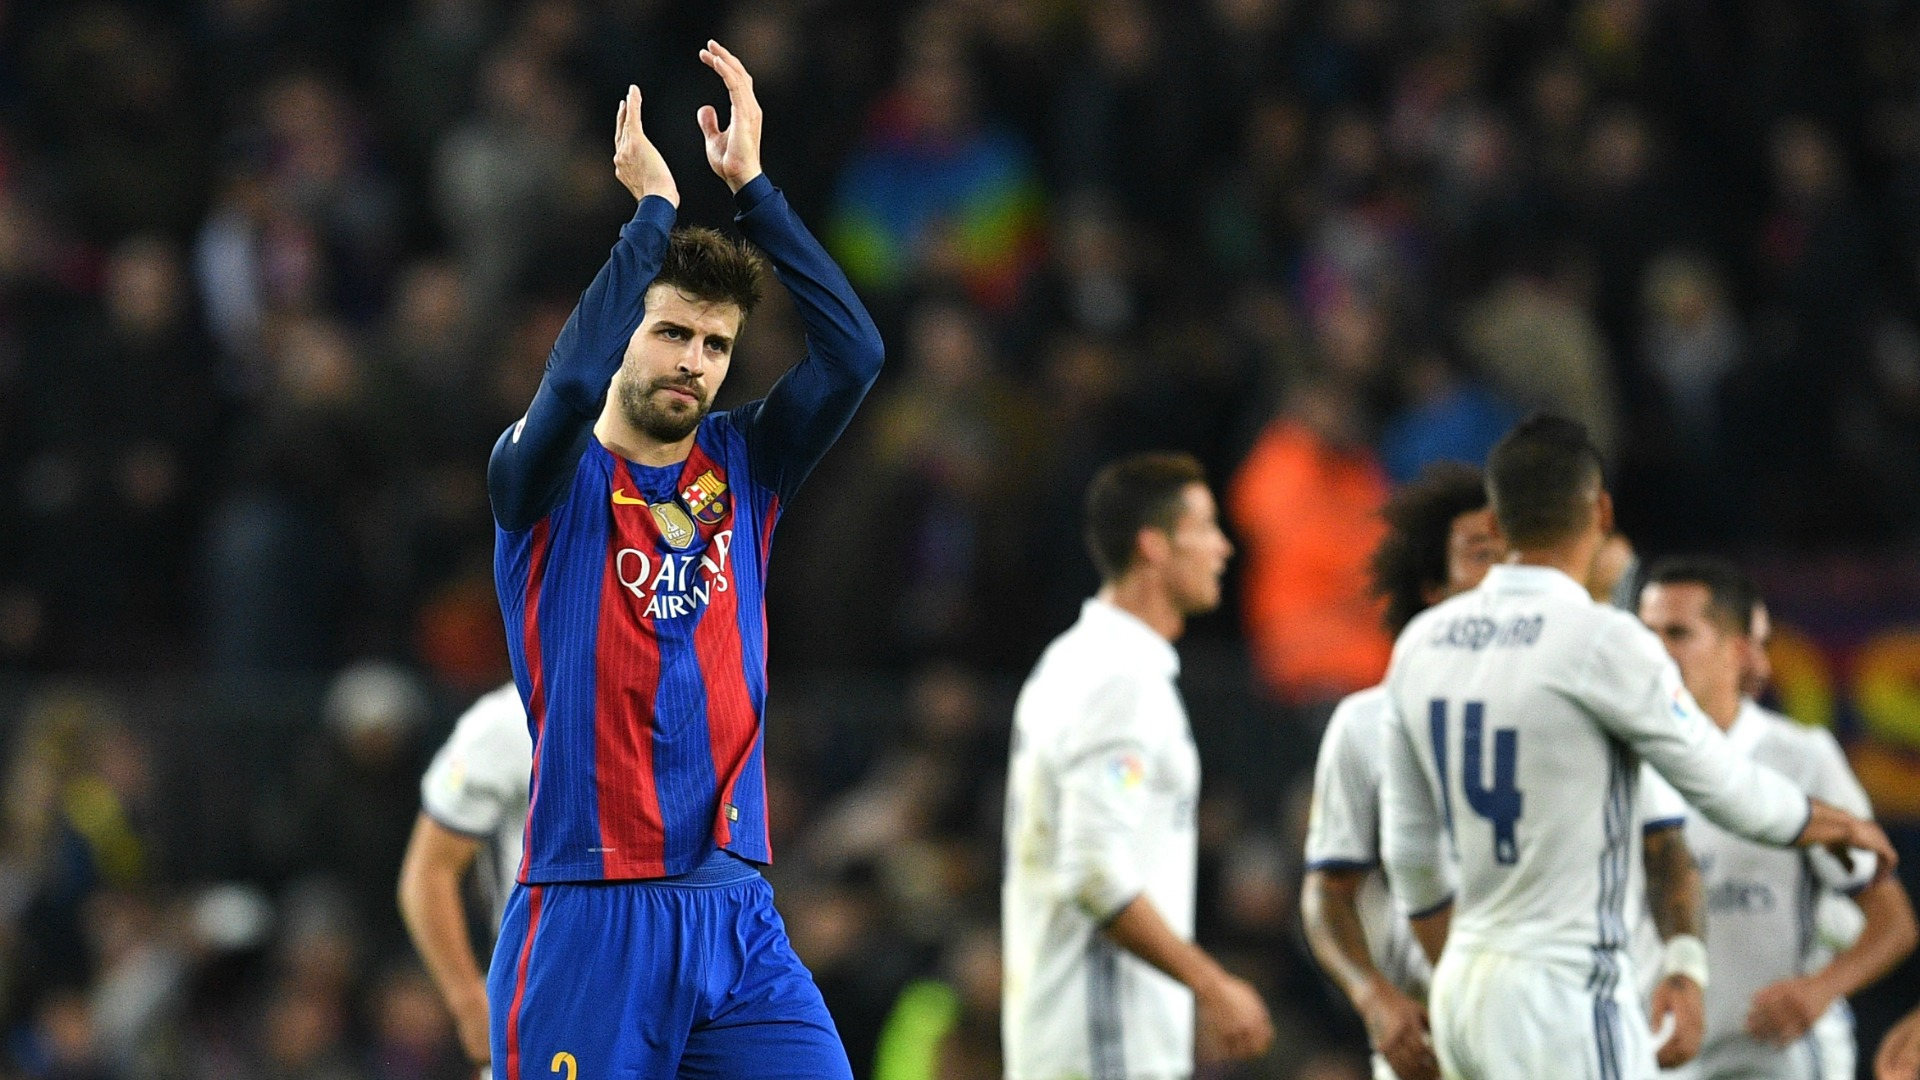 Piqué attacca il Real Madrid, che pensa ad un'azione legale